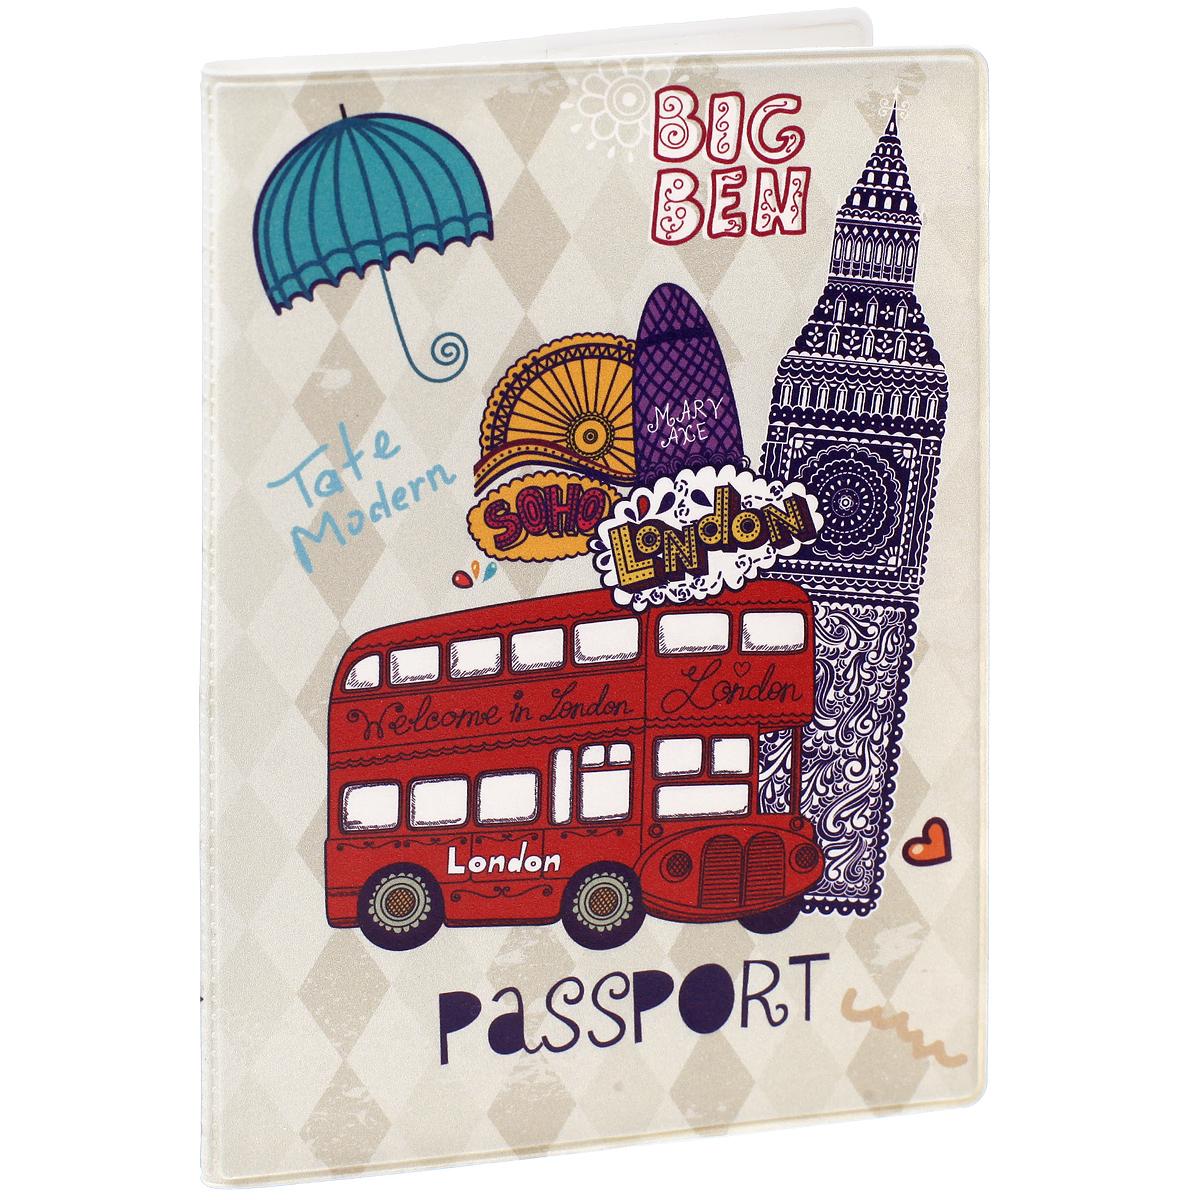 Обложка для паспорта Лондон, цвет: фиолетовый, светло-бежевый, красный. 3239132391Обложка для паспорта Лондон не только поможет сохранить внешний вид ваших документов и защитить их от повреждений, но и станет стильным аксессуаром, идеально подходящим вашему образу. Обложка выполнена из поливинилхлорида и оформлена оригинальным изображением достопримечательностей Лондона с надписью Passport. Внутри имеет два вертикальных кармана из прозрачного пластика. Такая обложка поможет вам подчеркнуть свою индивидуальность и неповторимость!